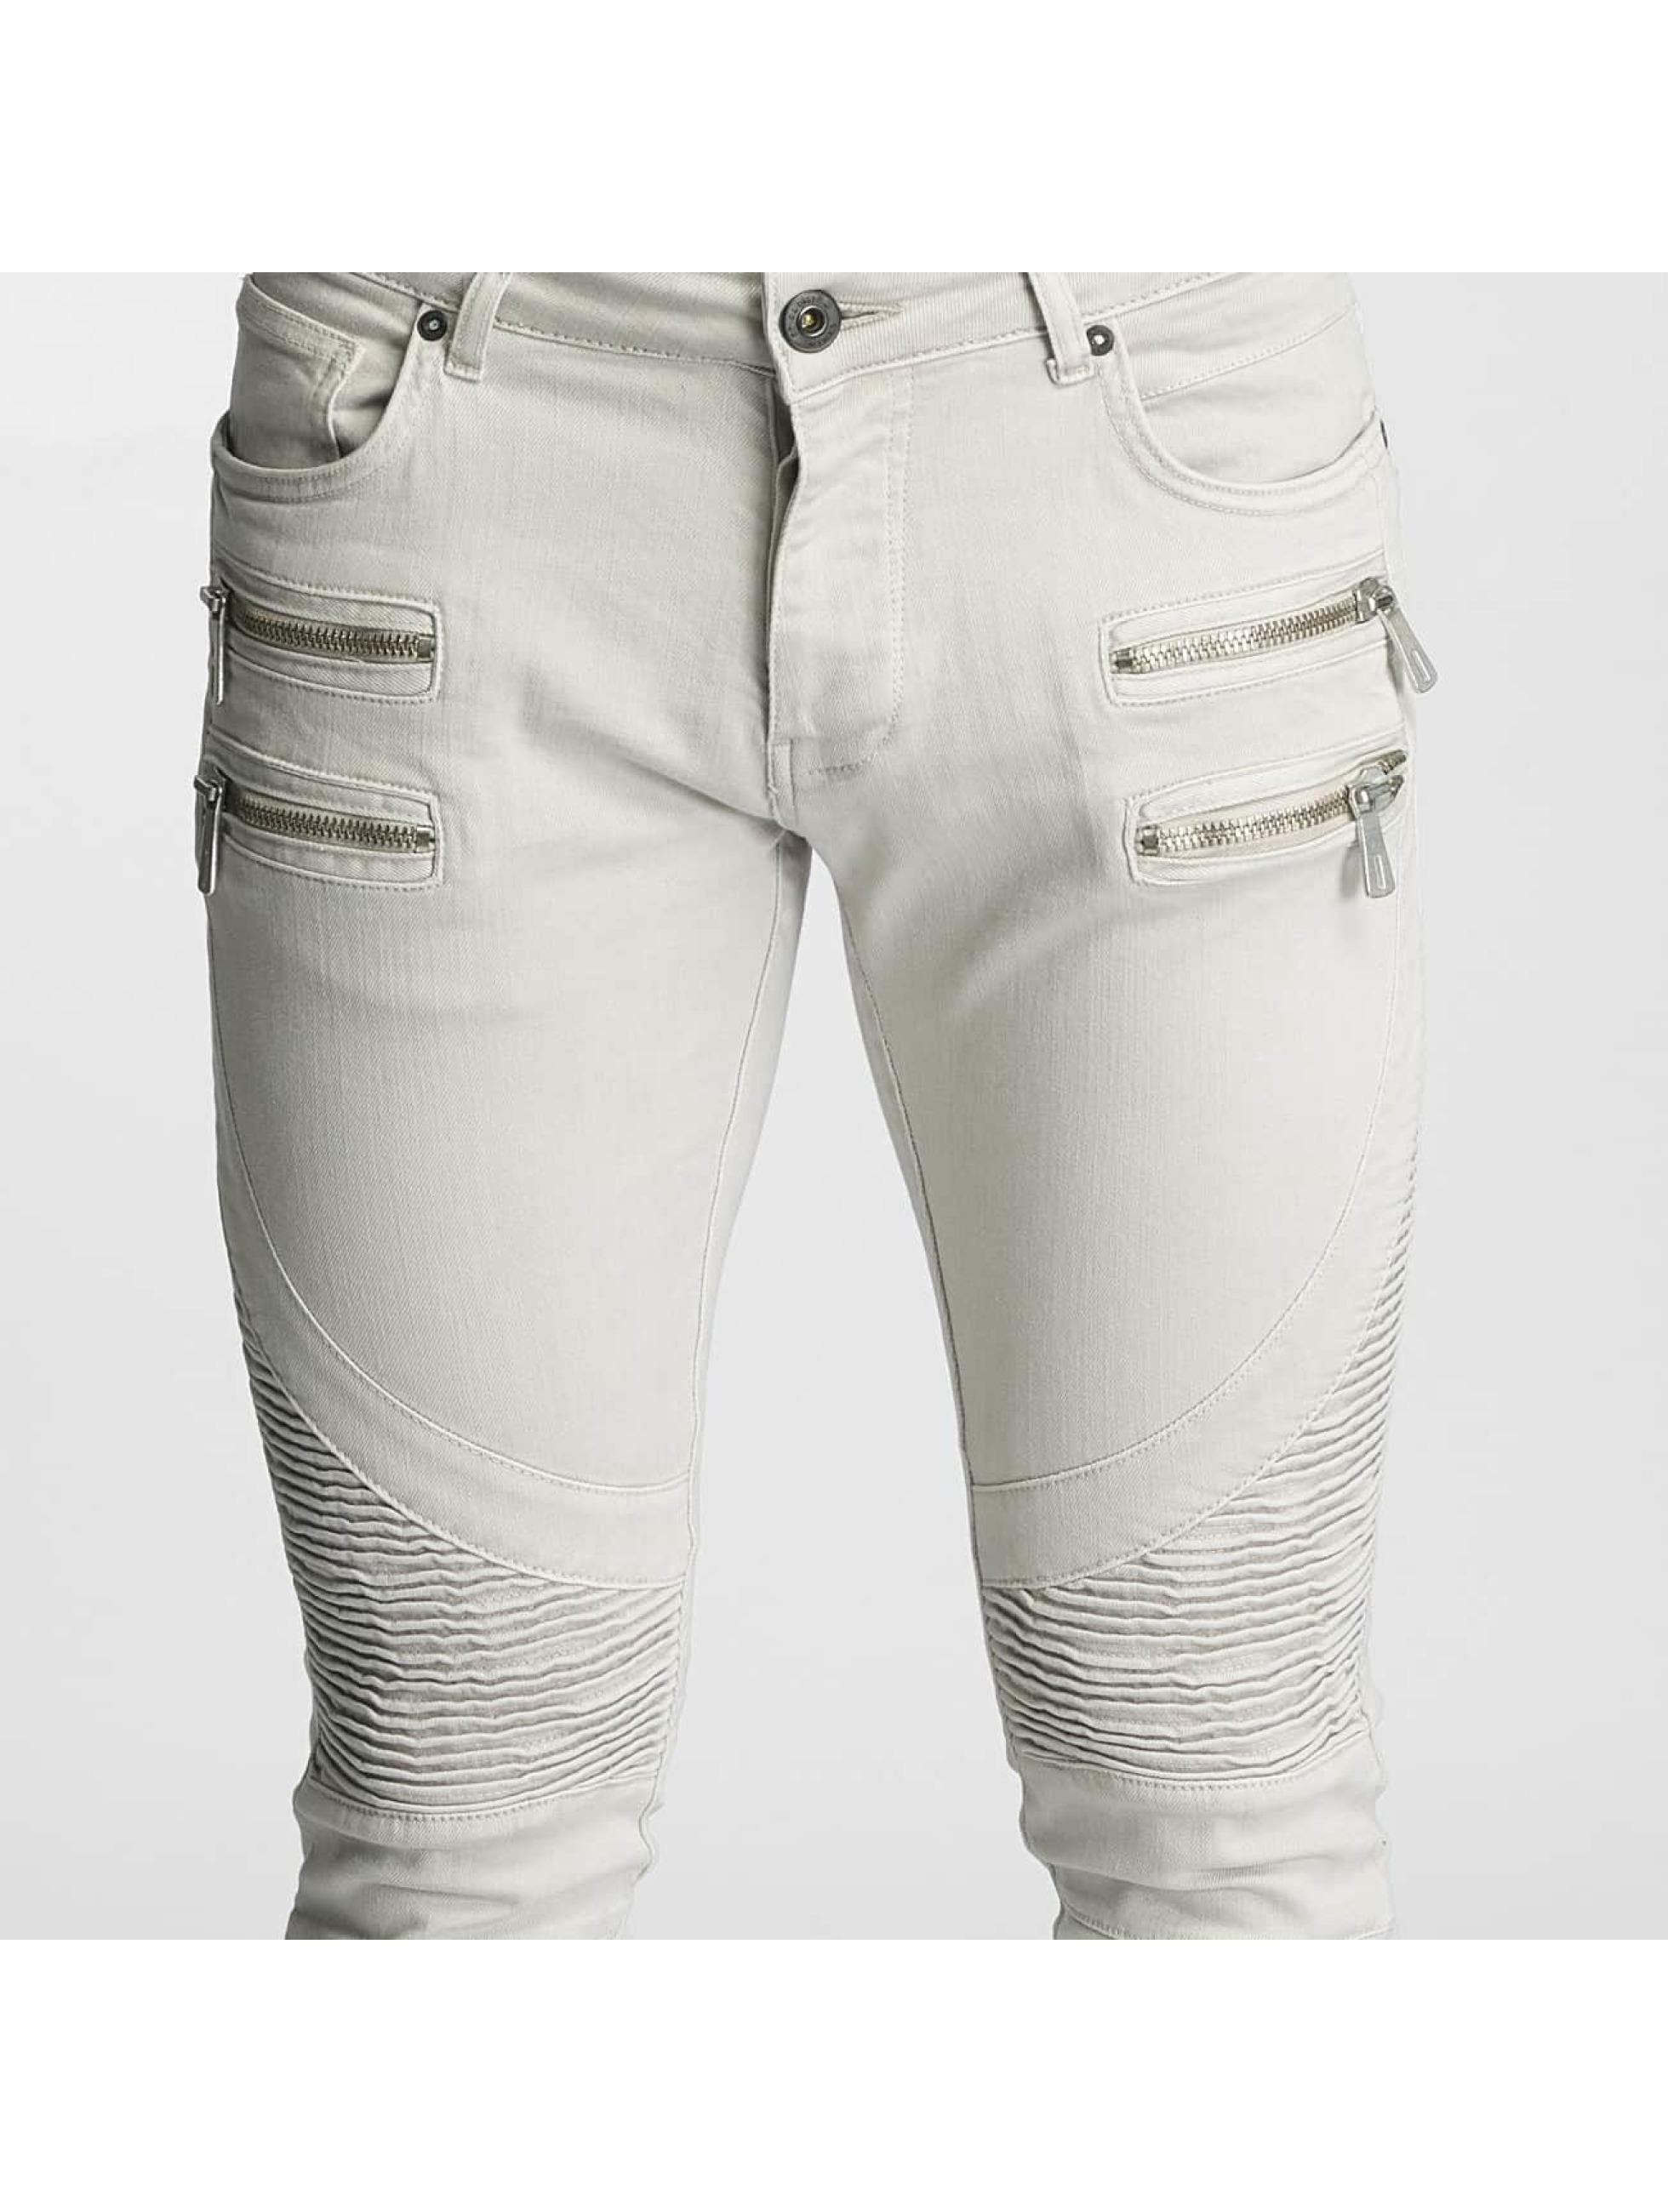 2Y Skinny Jeans Savage gray